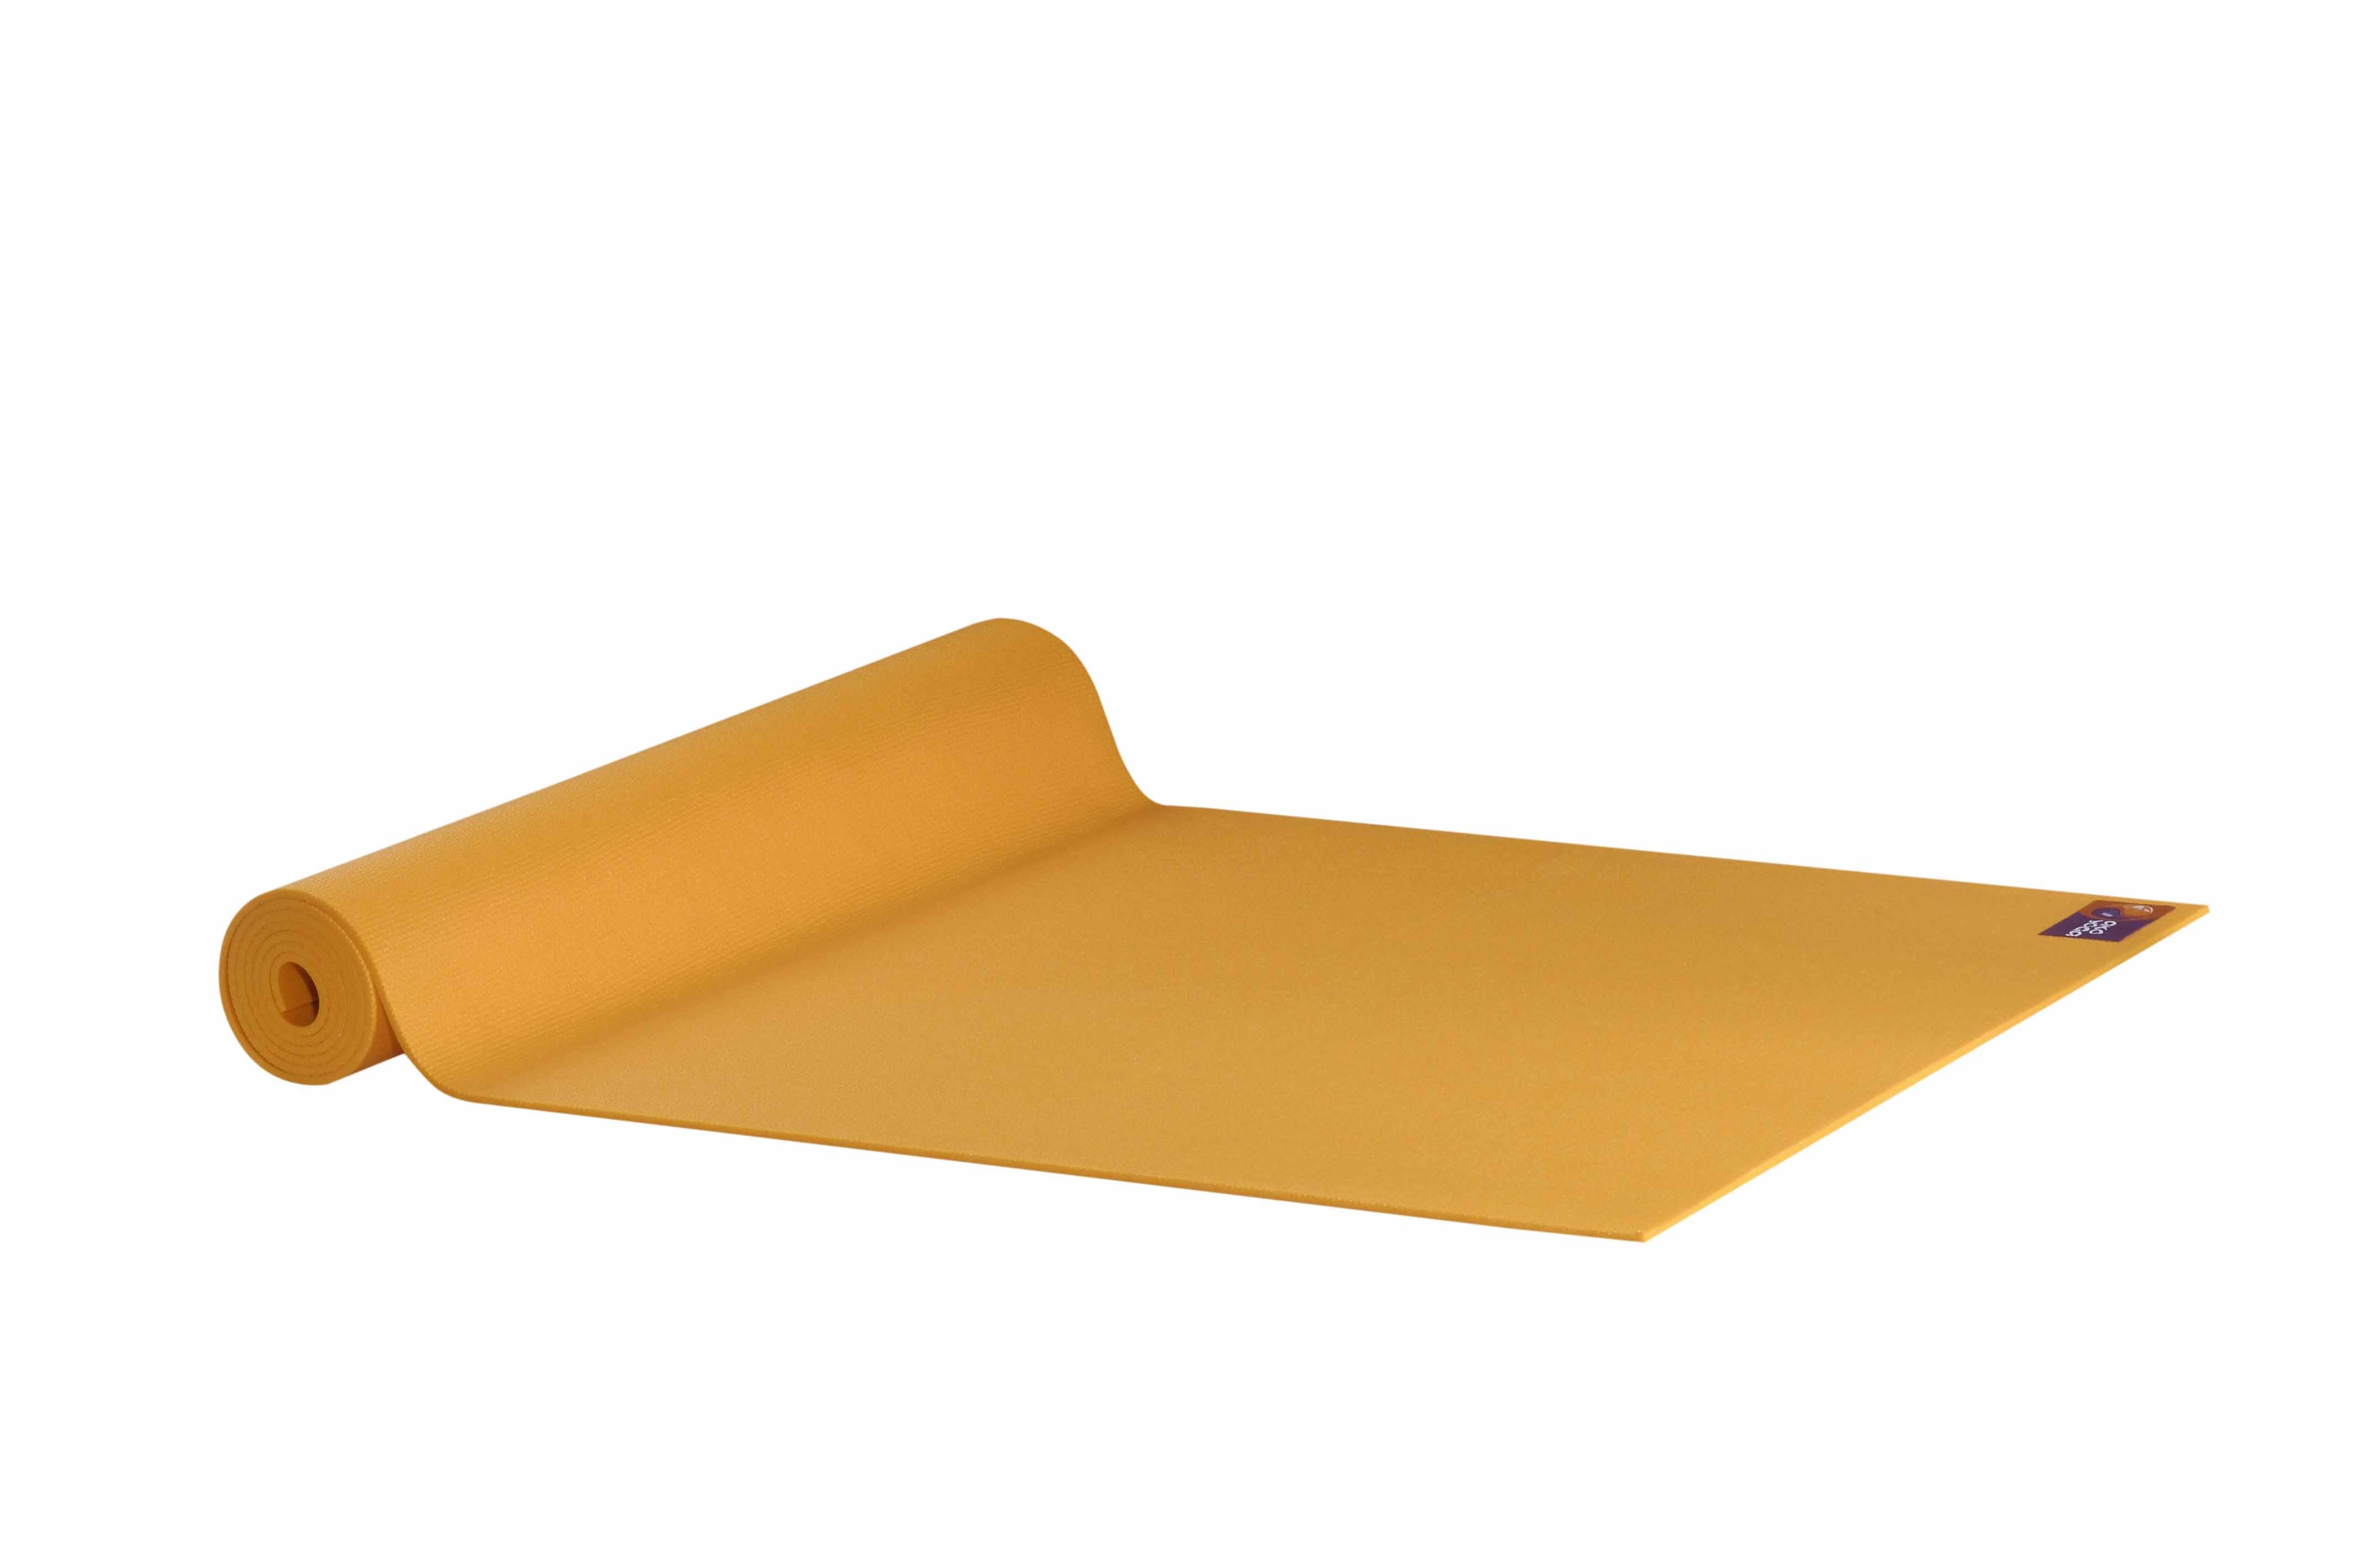 Ako Orange Eco Yoga Mat Made In Germany Oeko 100 Non